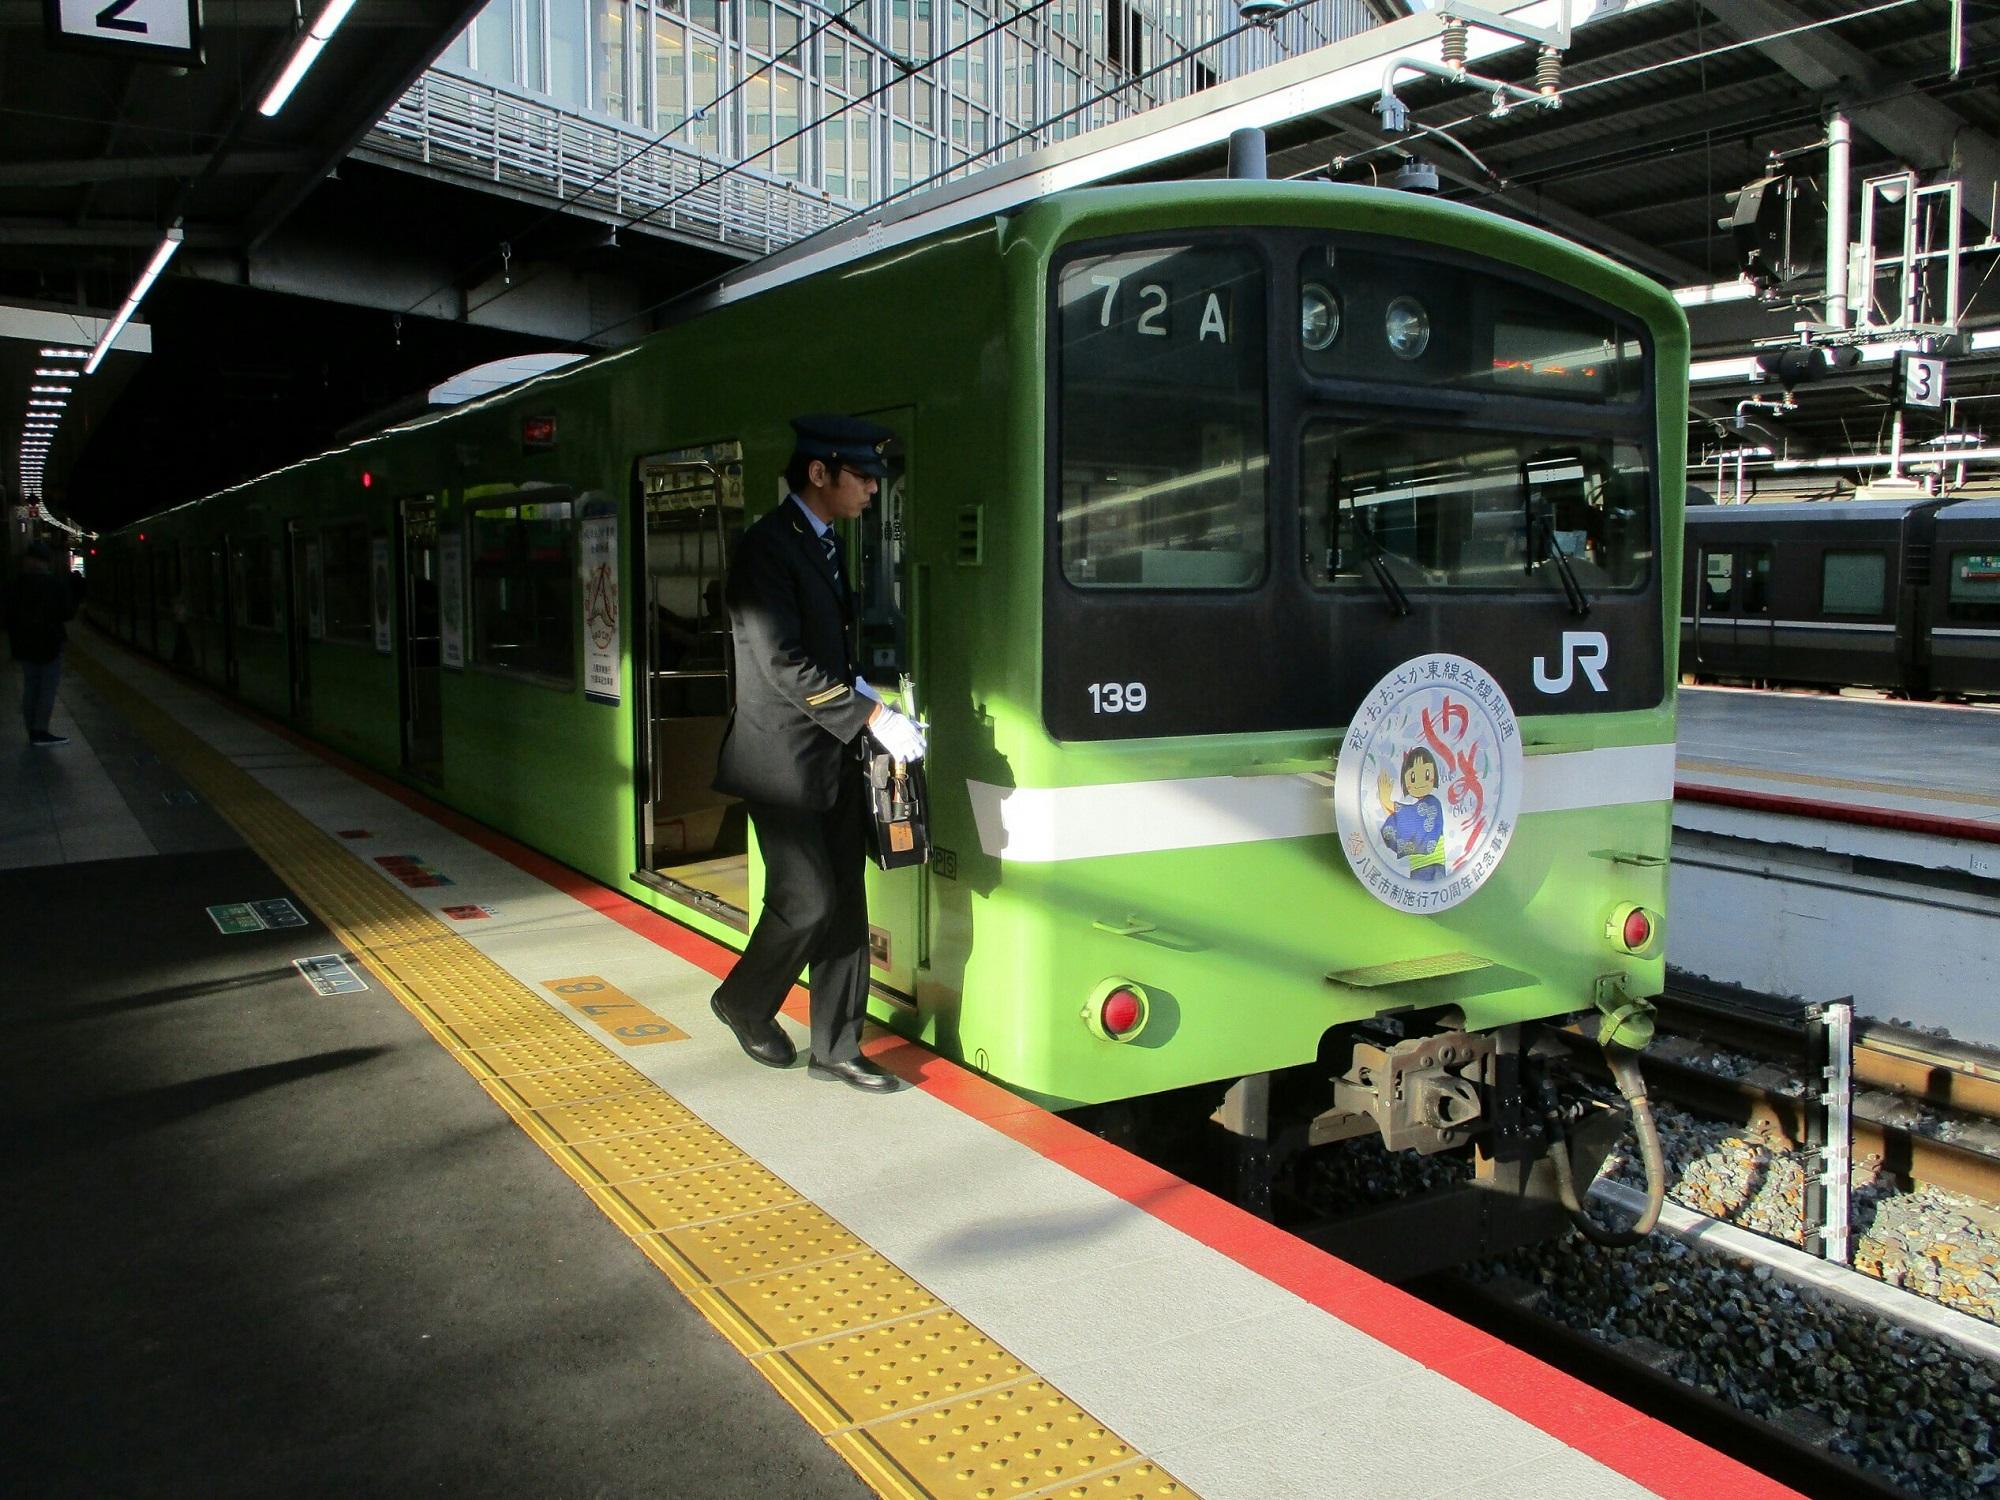 2019.3.18 (202) 新大阪 - 新大阪いきふつう 2000-1500